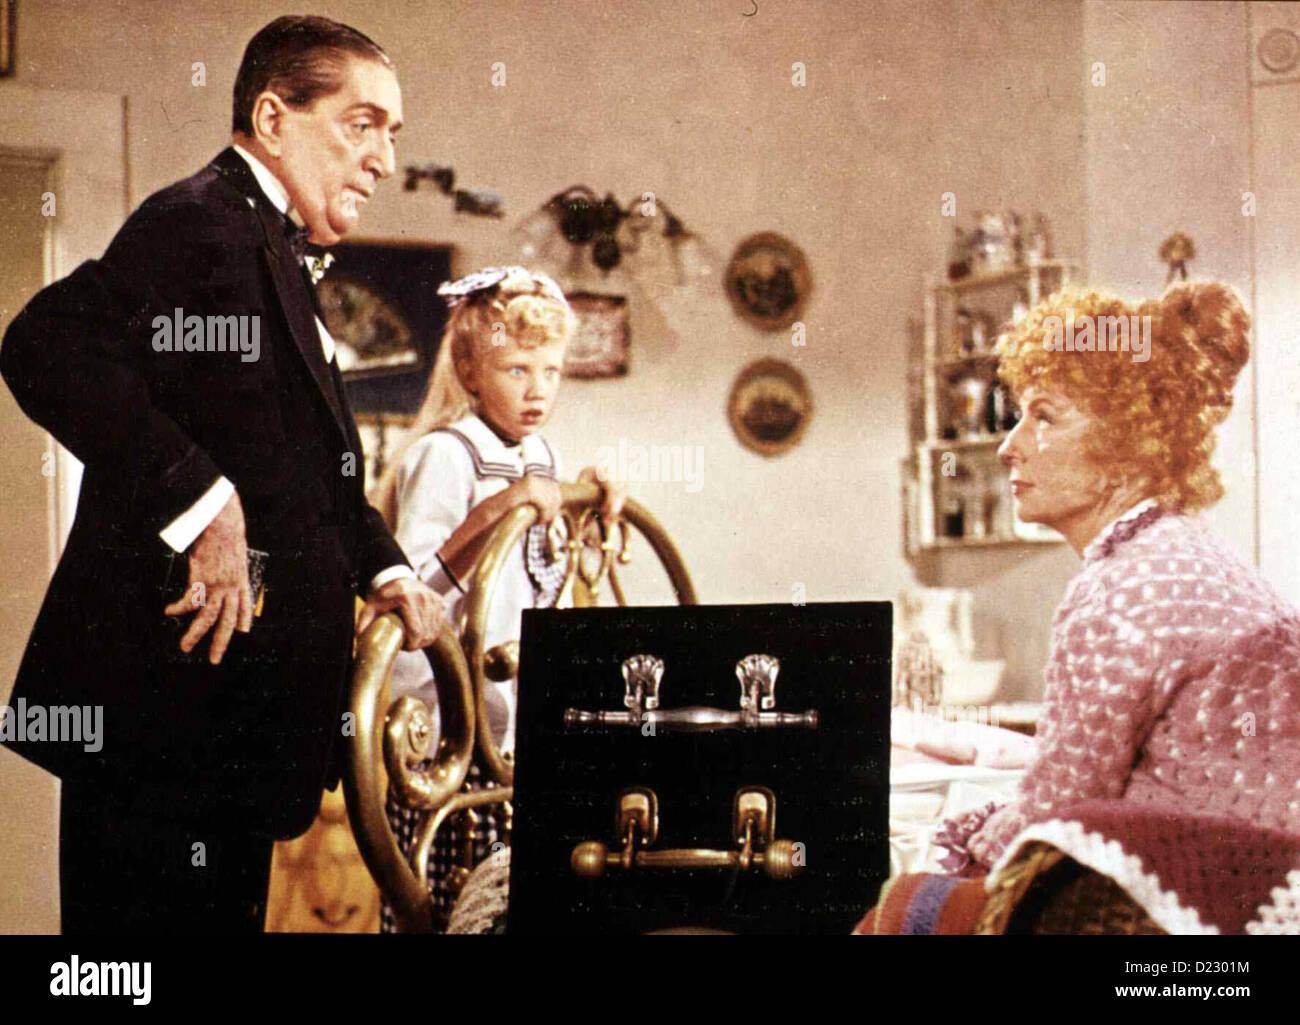 Alle Lieben Pollyanna  Pollyanna  Mr. Murg (Gage Clark), Pollyanna (Hayley Mills), Mrs.Snow (Agnes Moorhead) *** - Stock Image